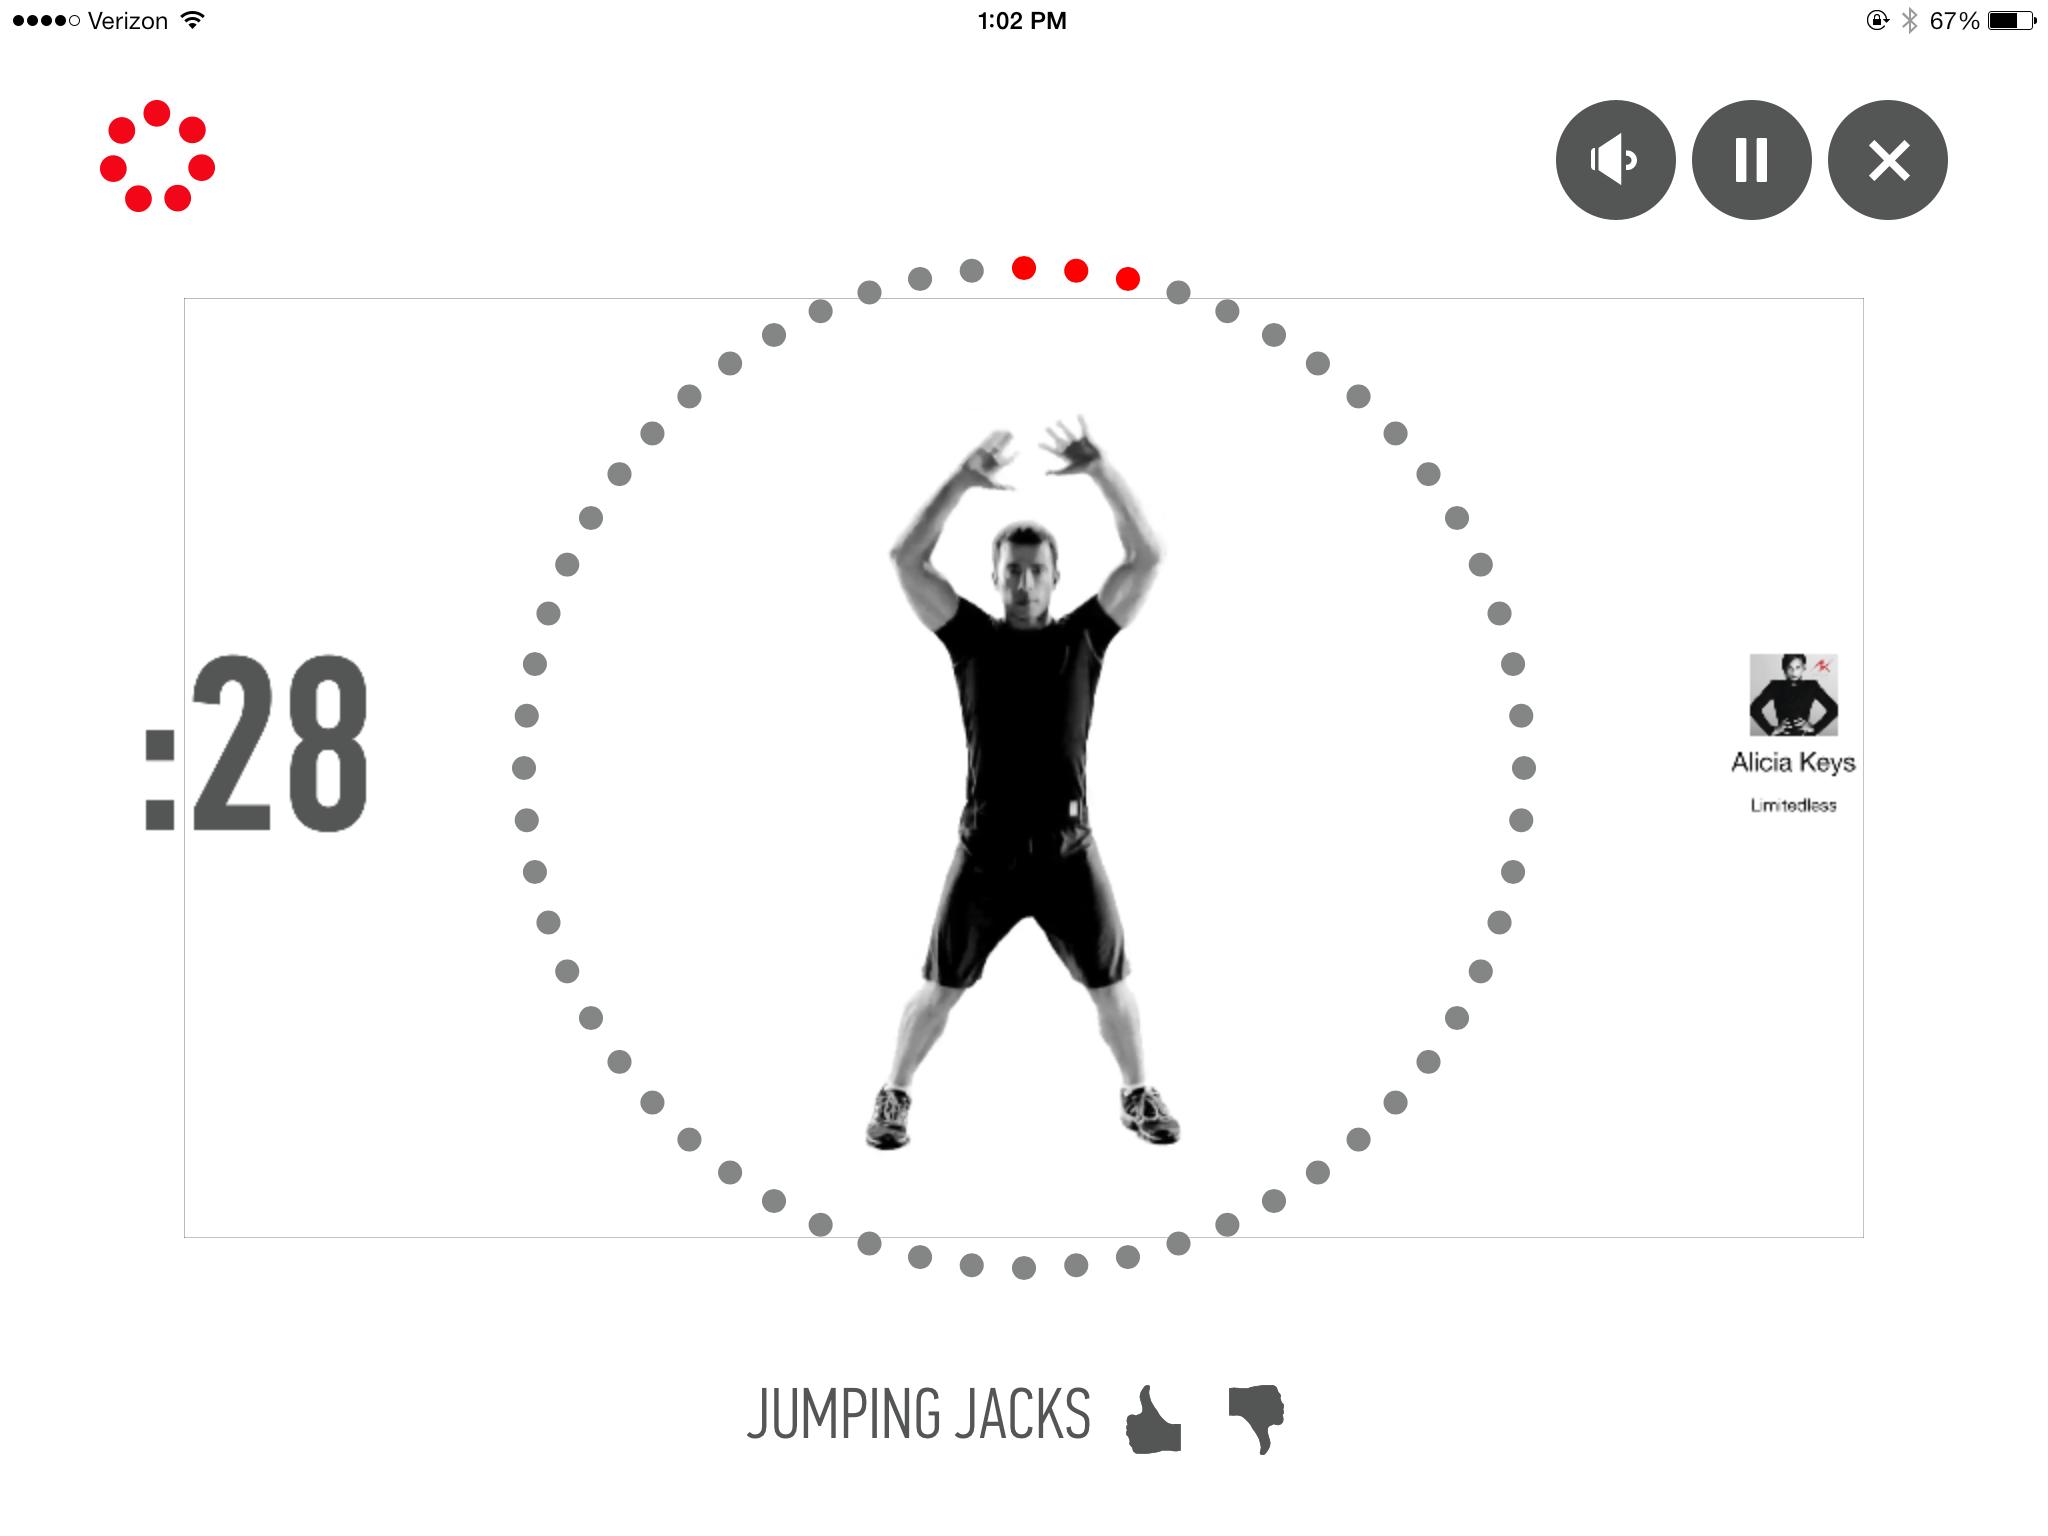 A New 7 Minute Workout App : Got2Run4MeRunning With